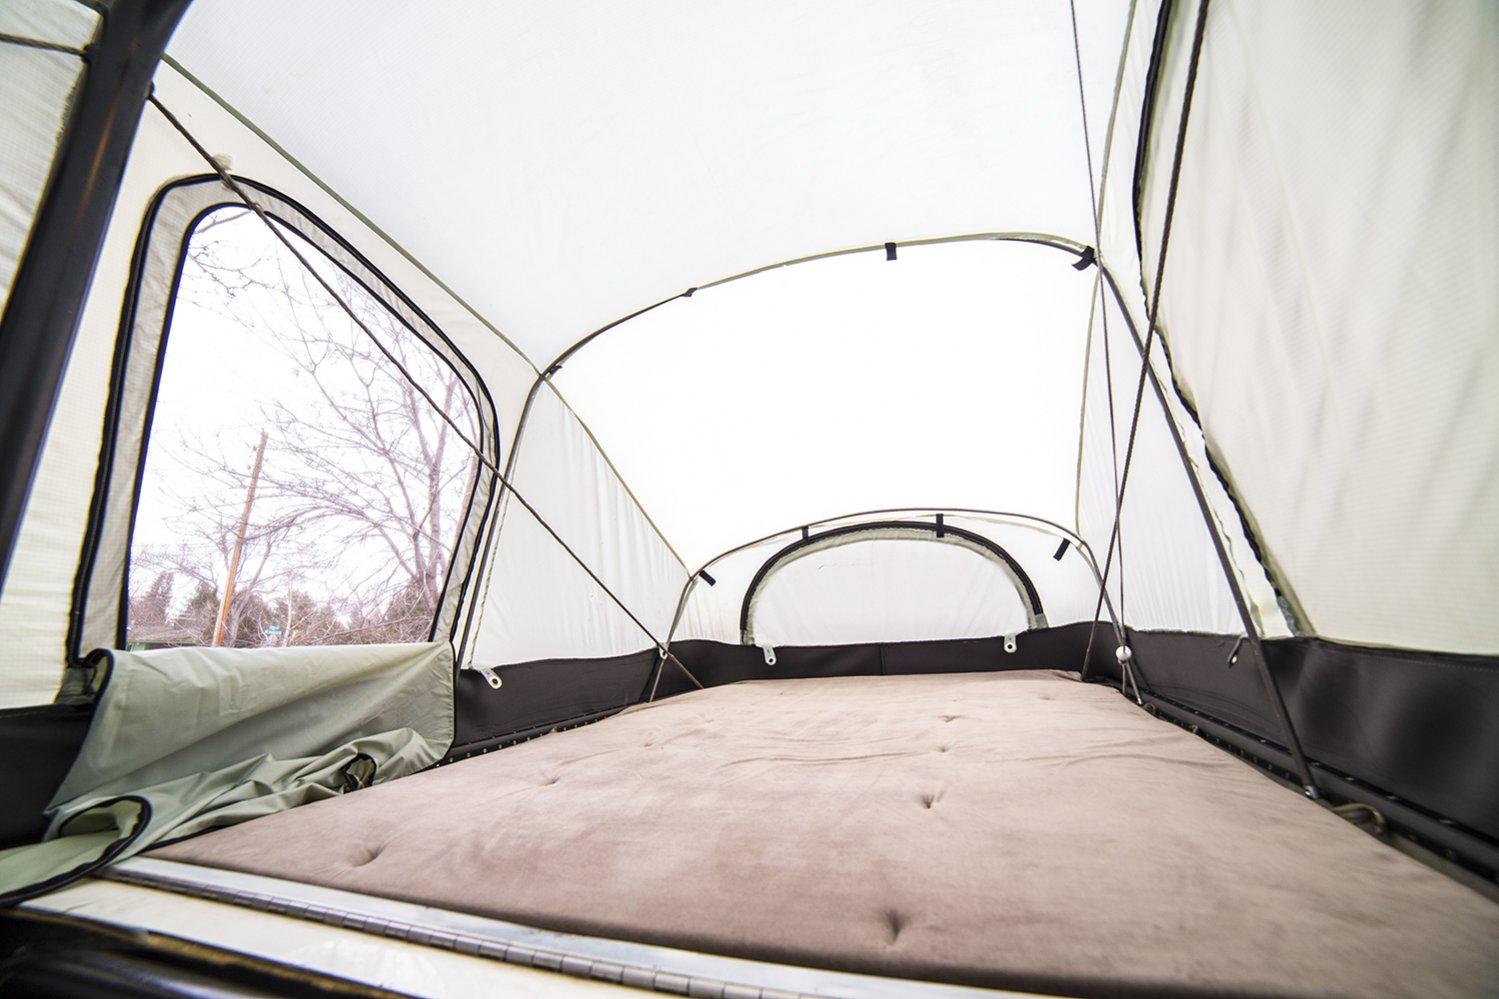 earthroamer int bed 1 window open